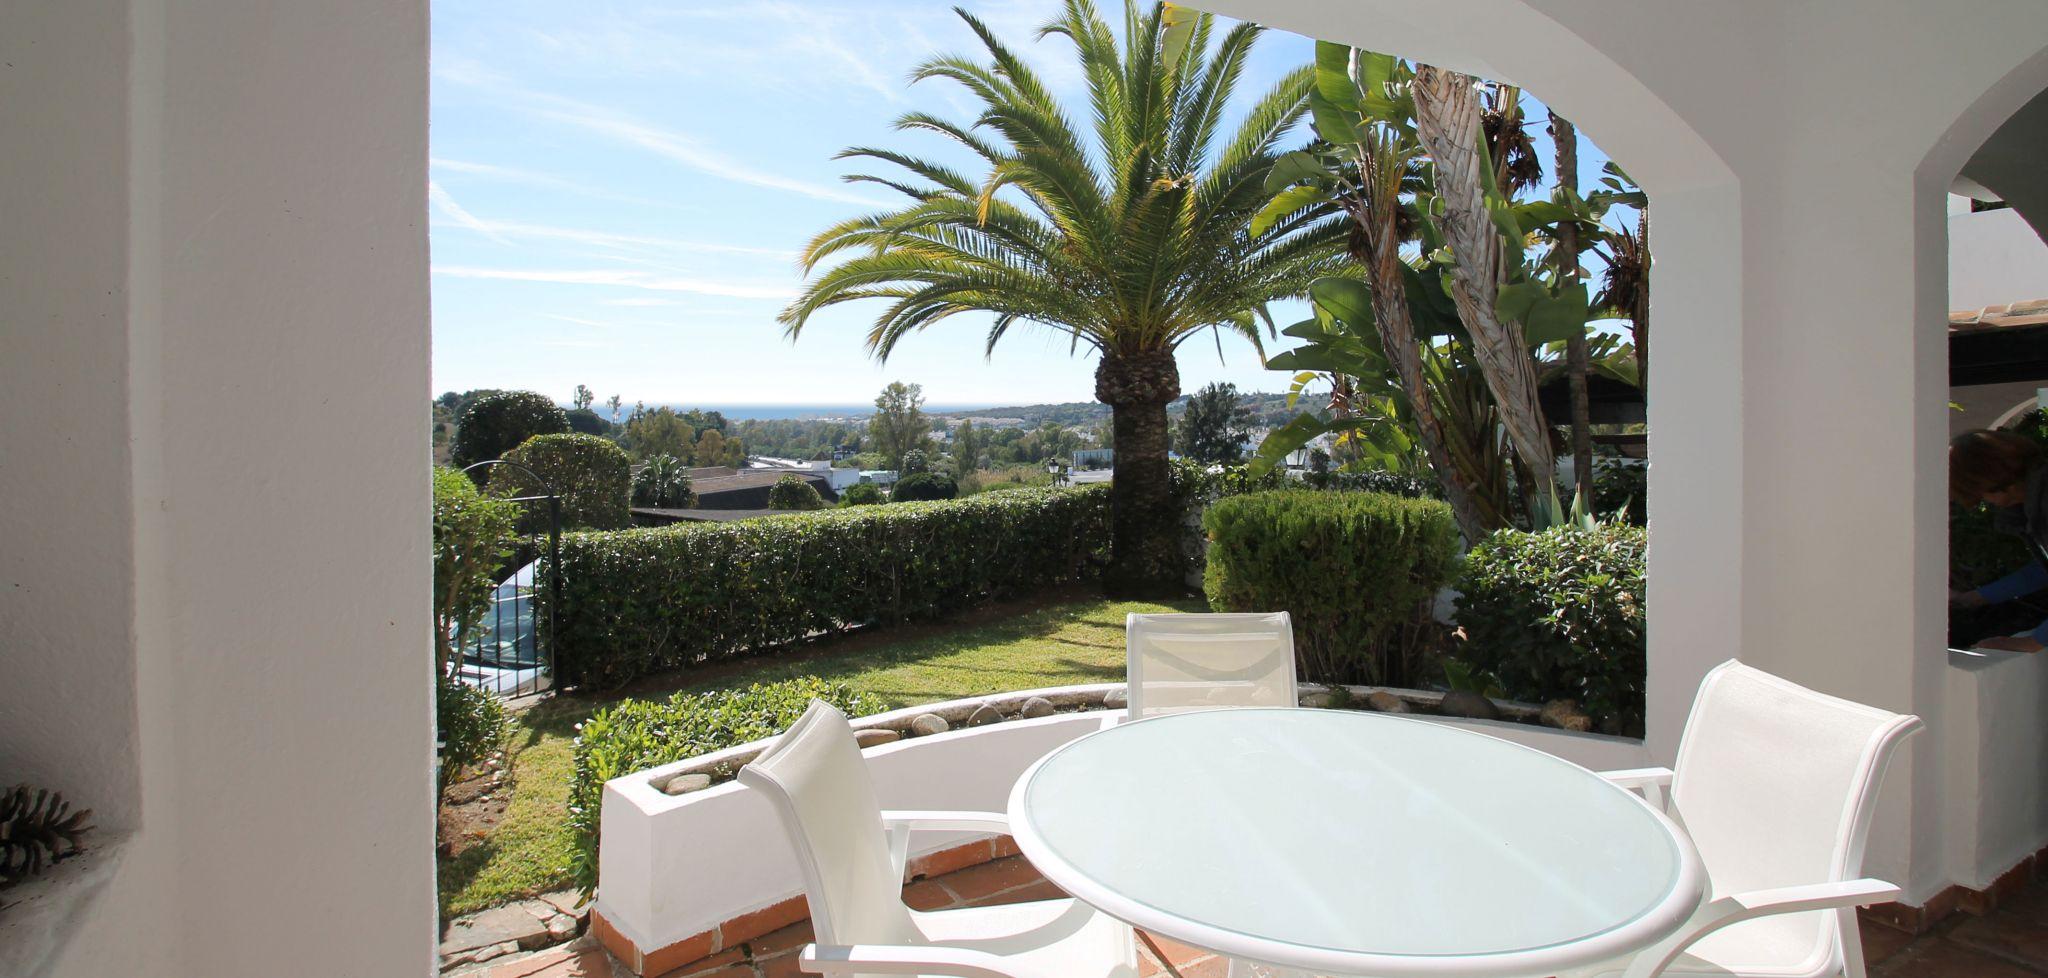 Apartamento de dos dormitorios con jardín y vistas al mar en Club Sierra